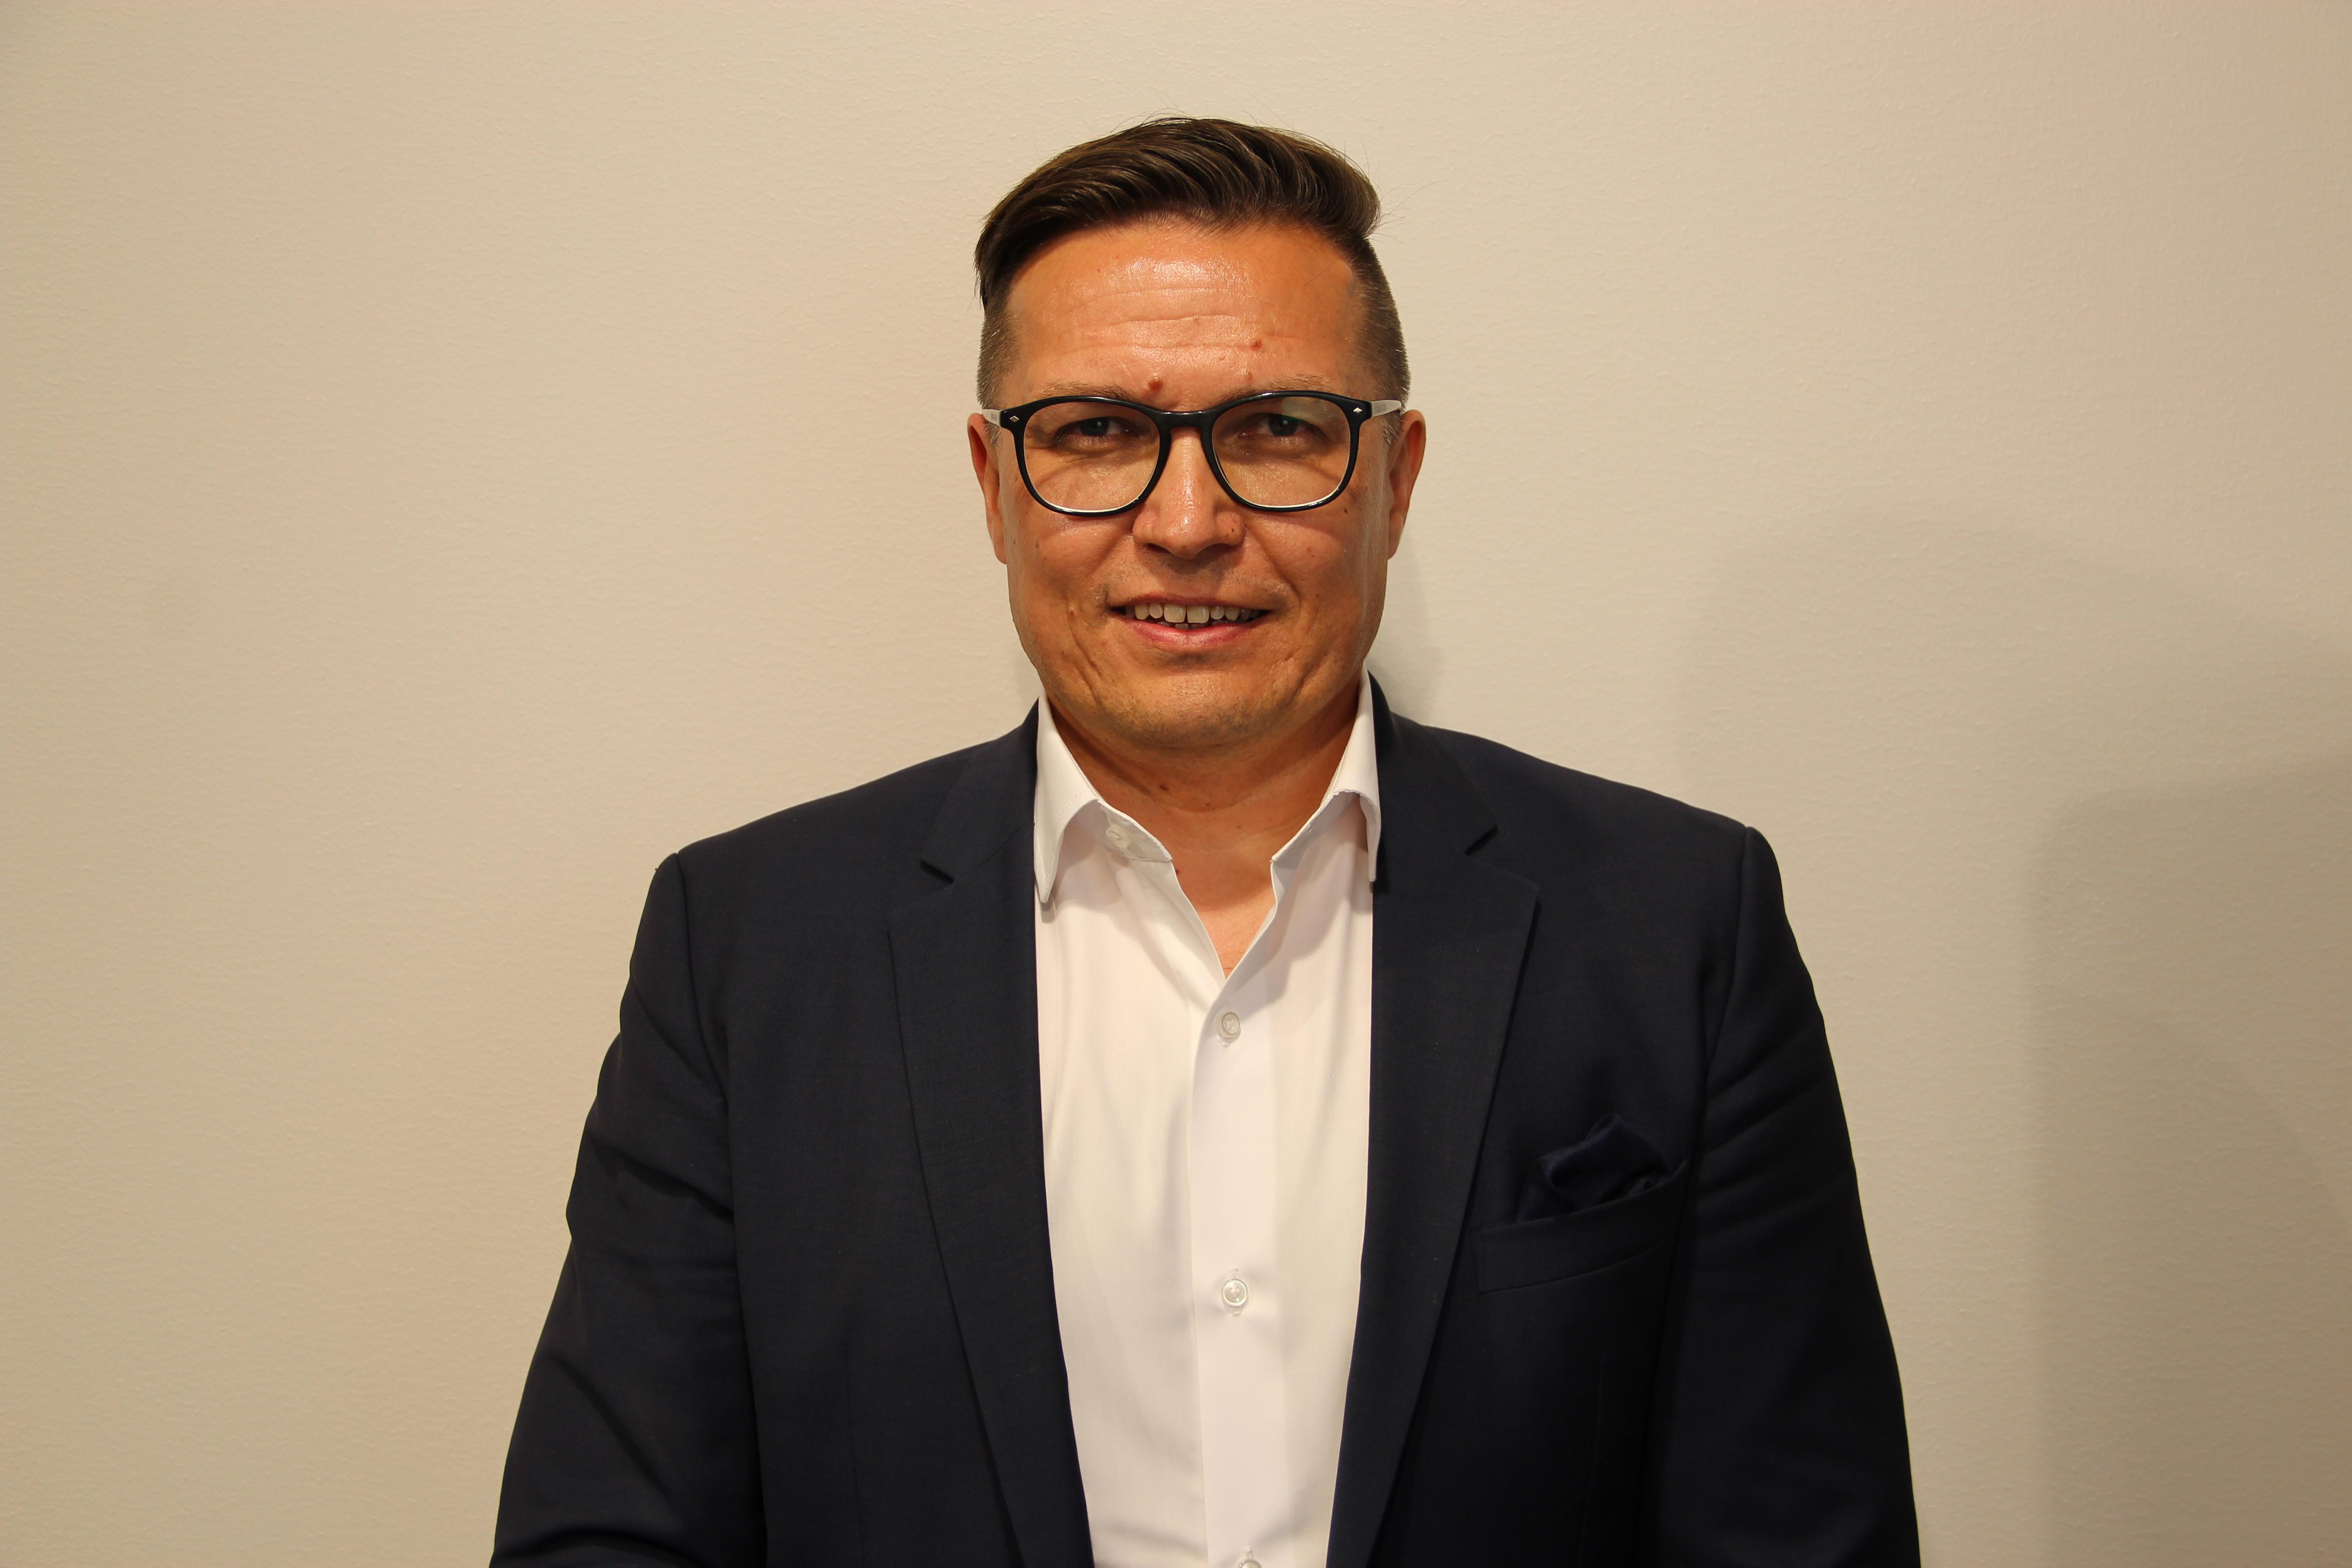 Instru Optiikalle uusi toimitusjohtaja – Pasi Anttila tuntee  kuluttajabrändit 618cb0a967